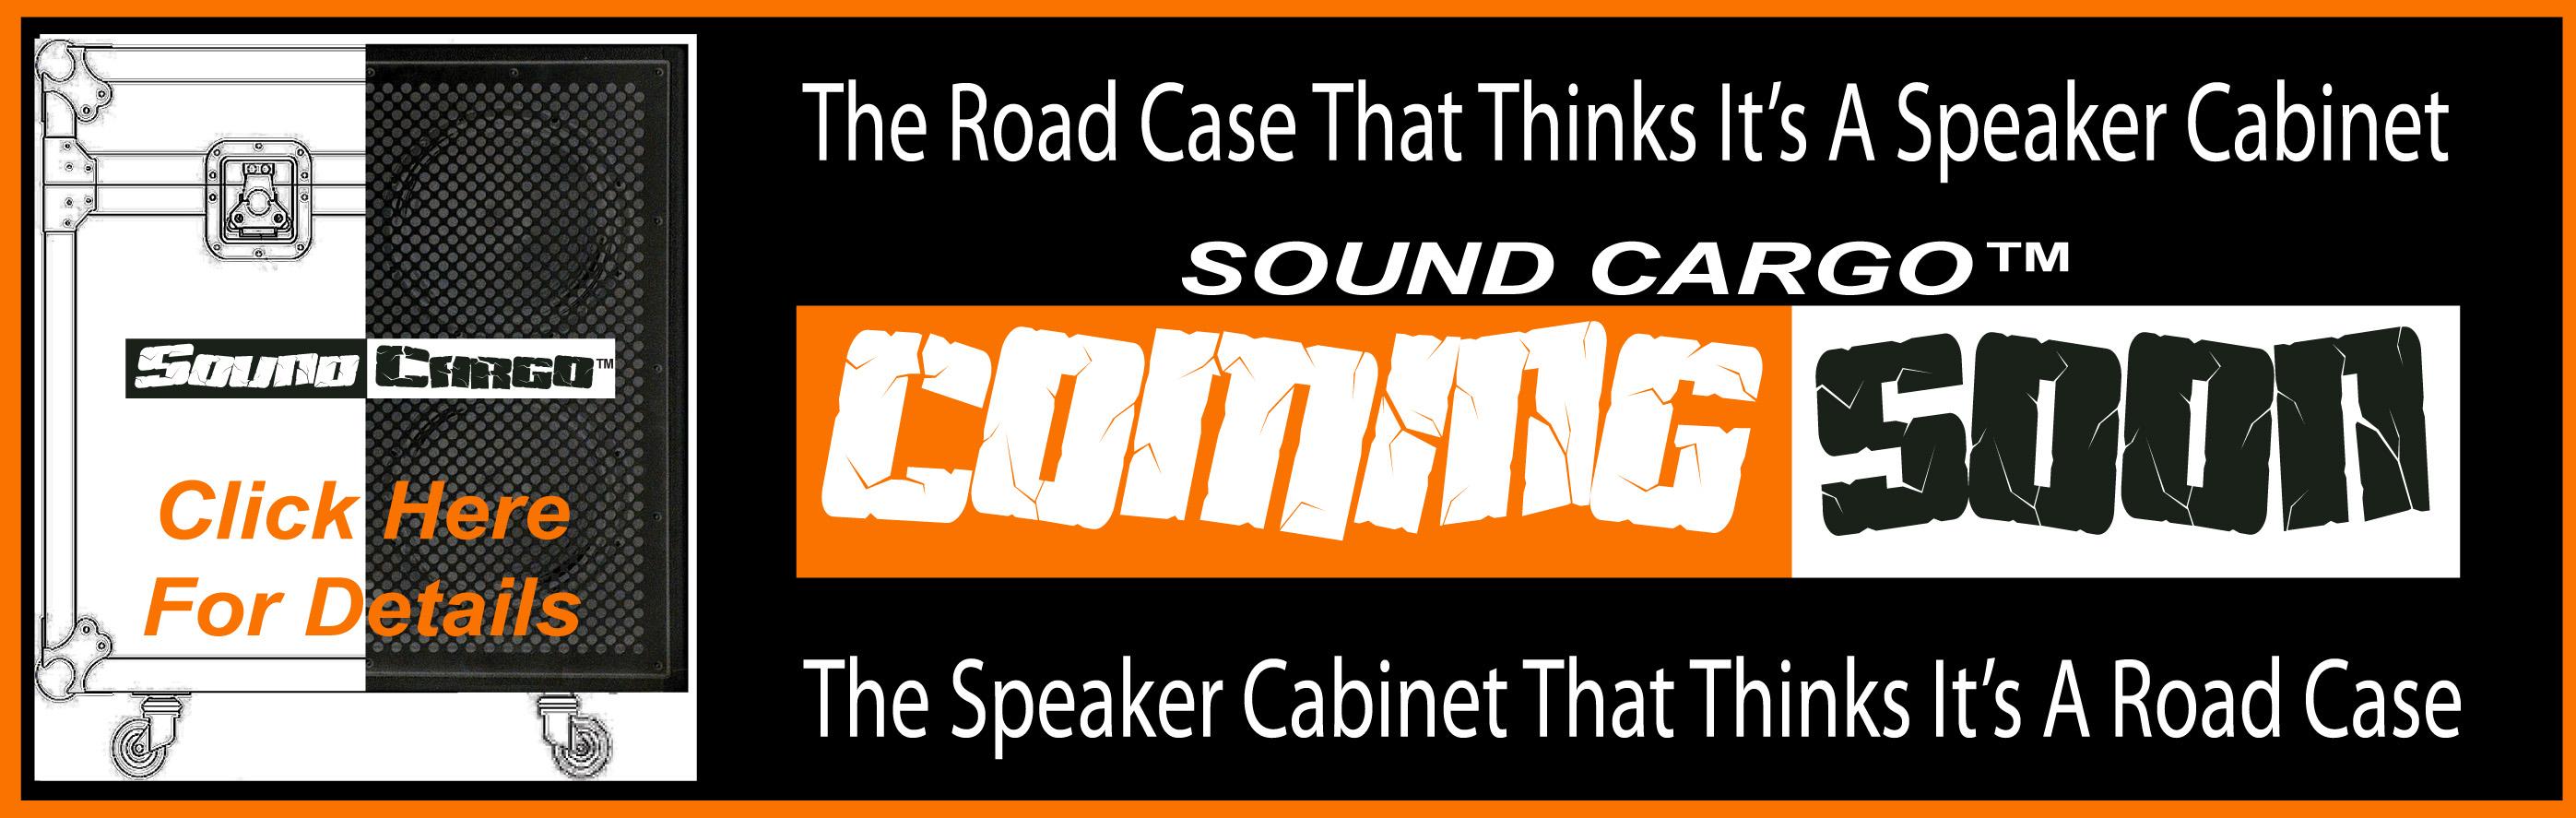 banner-sound-cargo.jpg